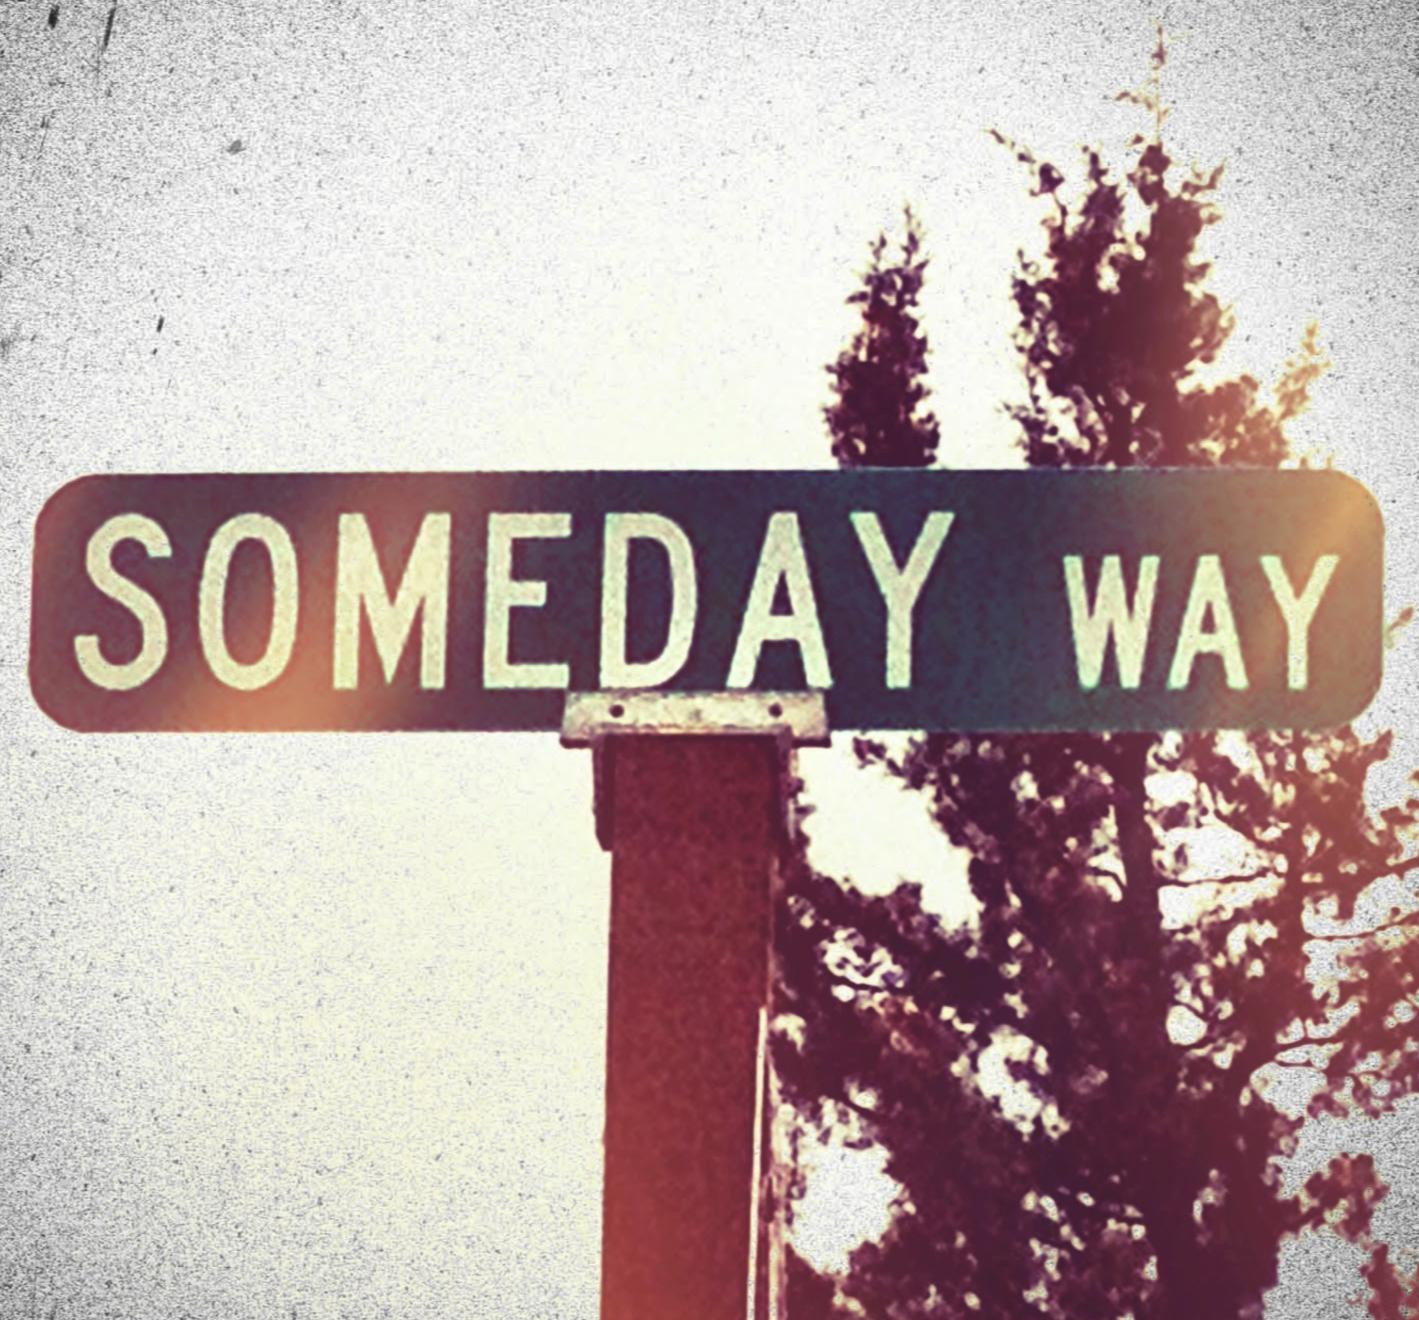 SOMEDY